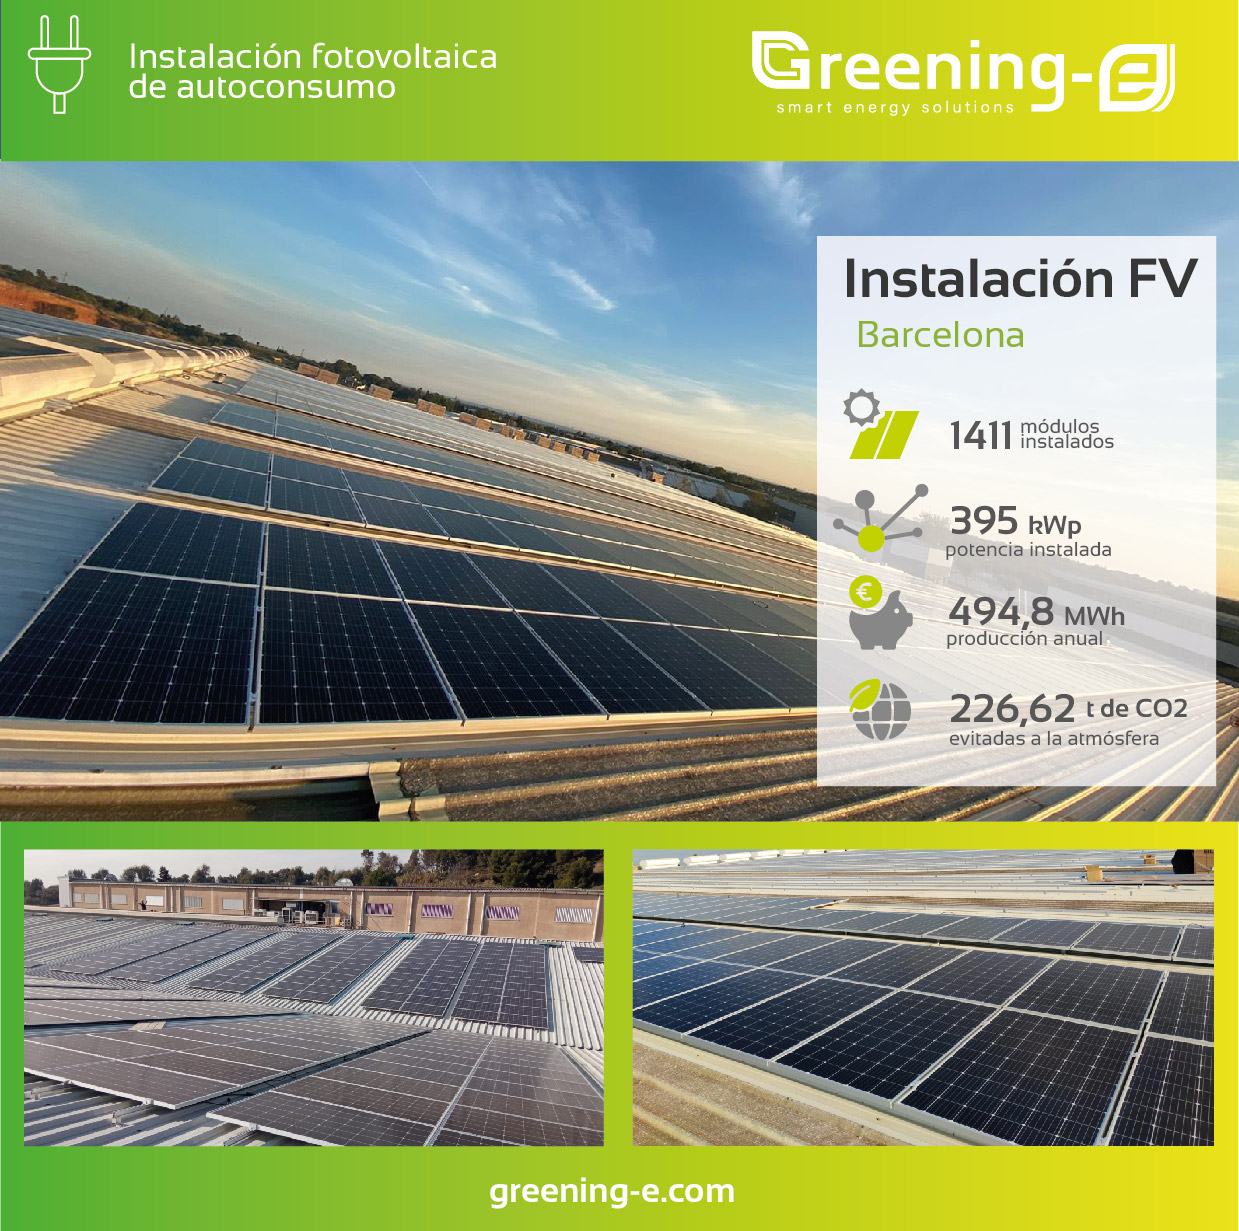 cifras y datos de sostenibilidad de lanstalación fotovoltaica de 395 kWp en Barcelona